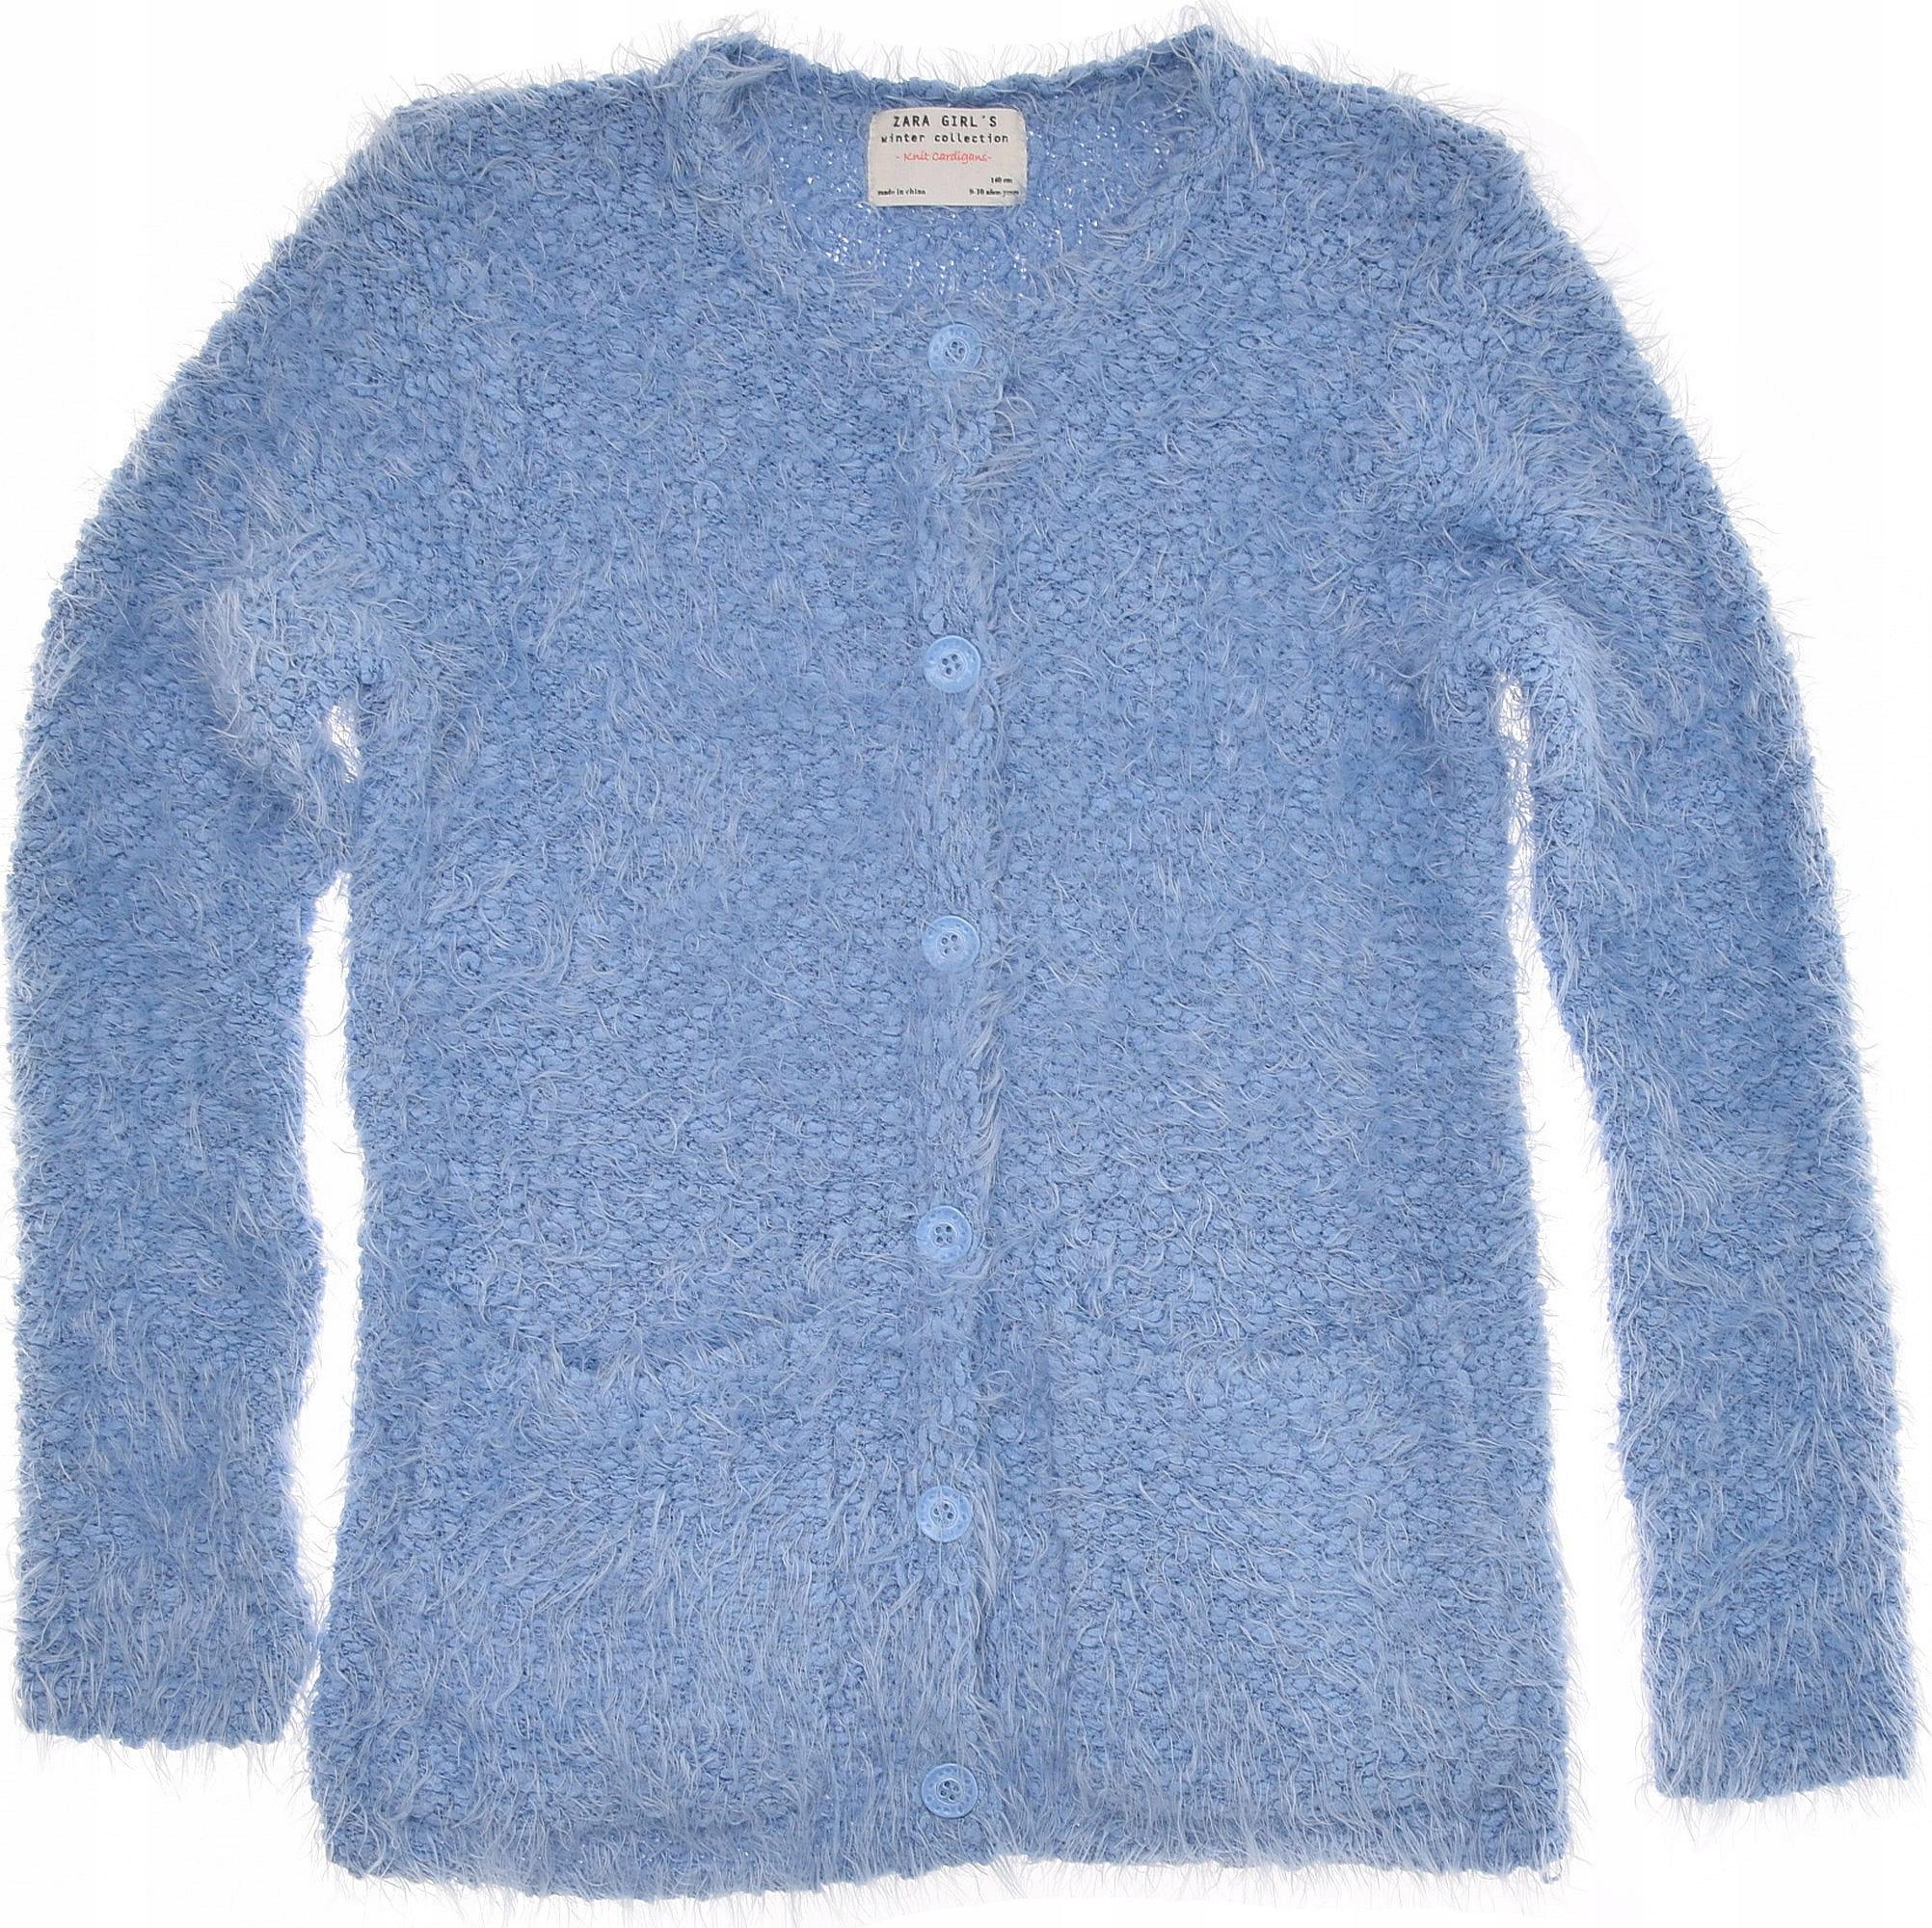 ZARA sweterek dziewczęcy na guziki Ciepły 140